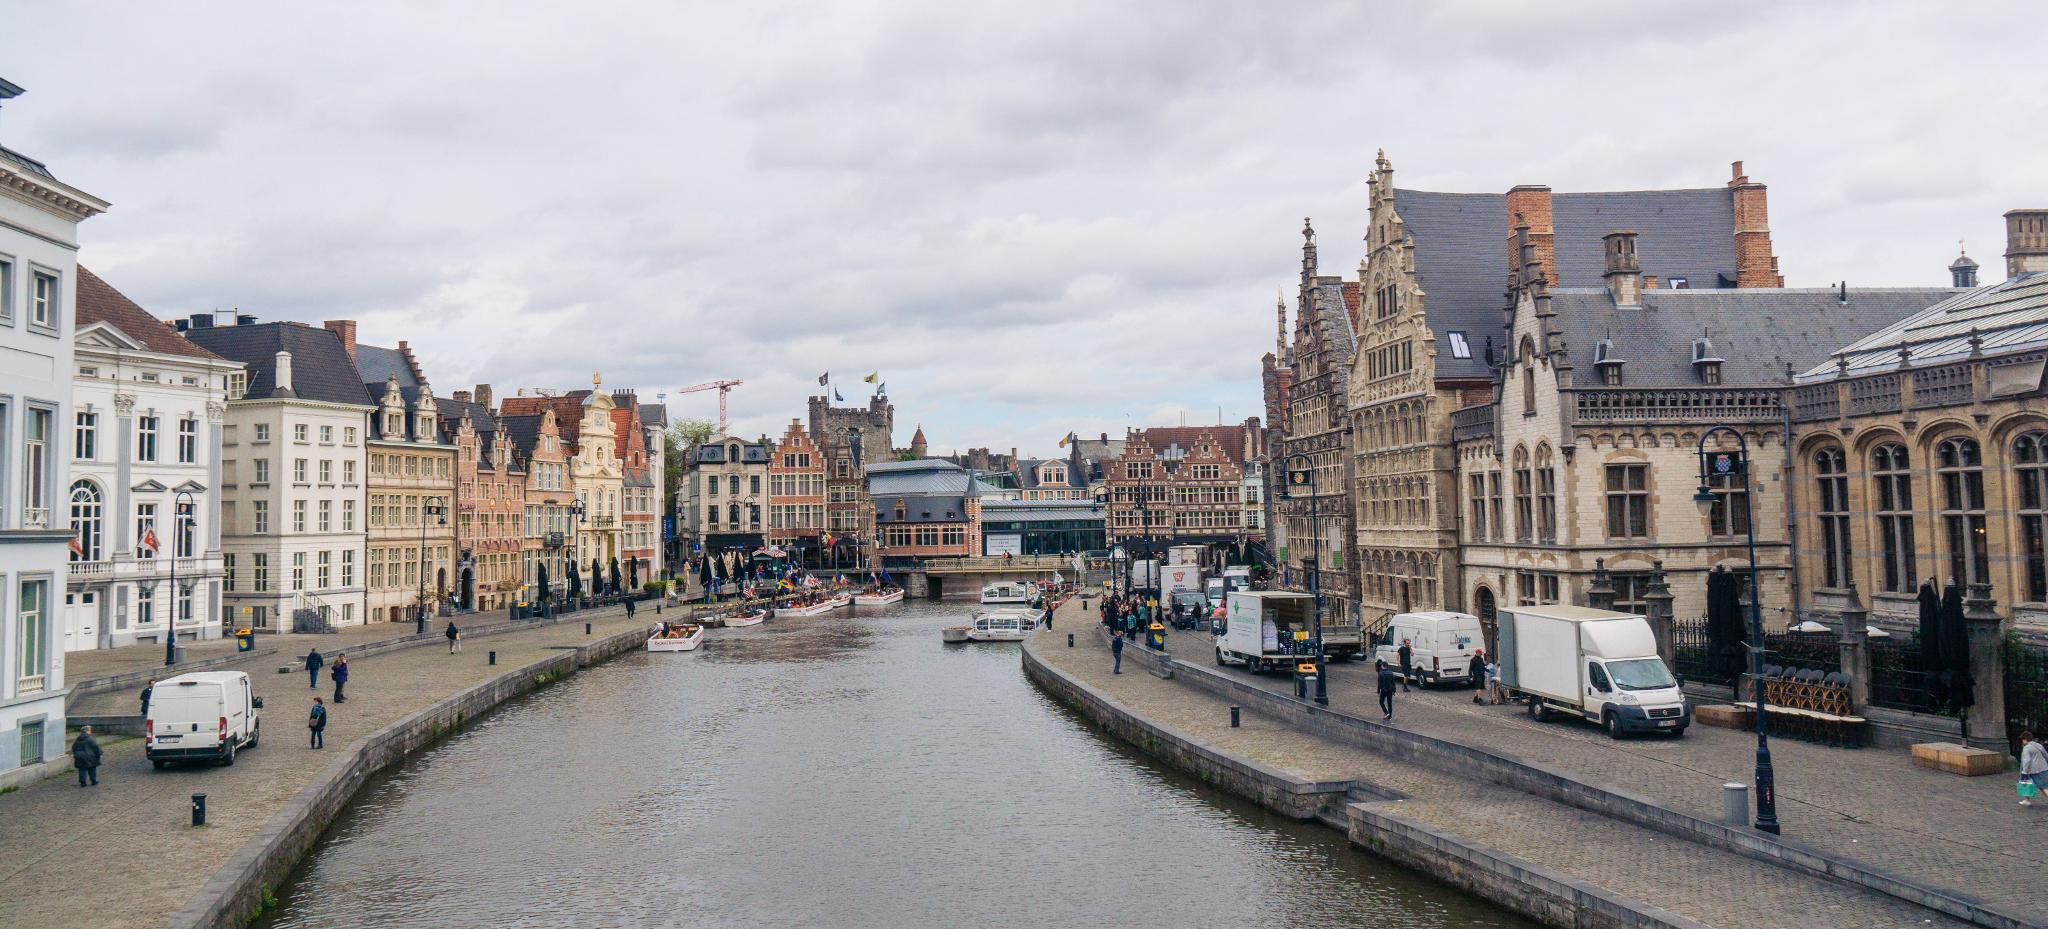 【比利時】穿梭中世紀的大城小事 — 比利時根特 (Ghent) 散步景點總整理 93